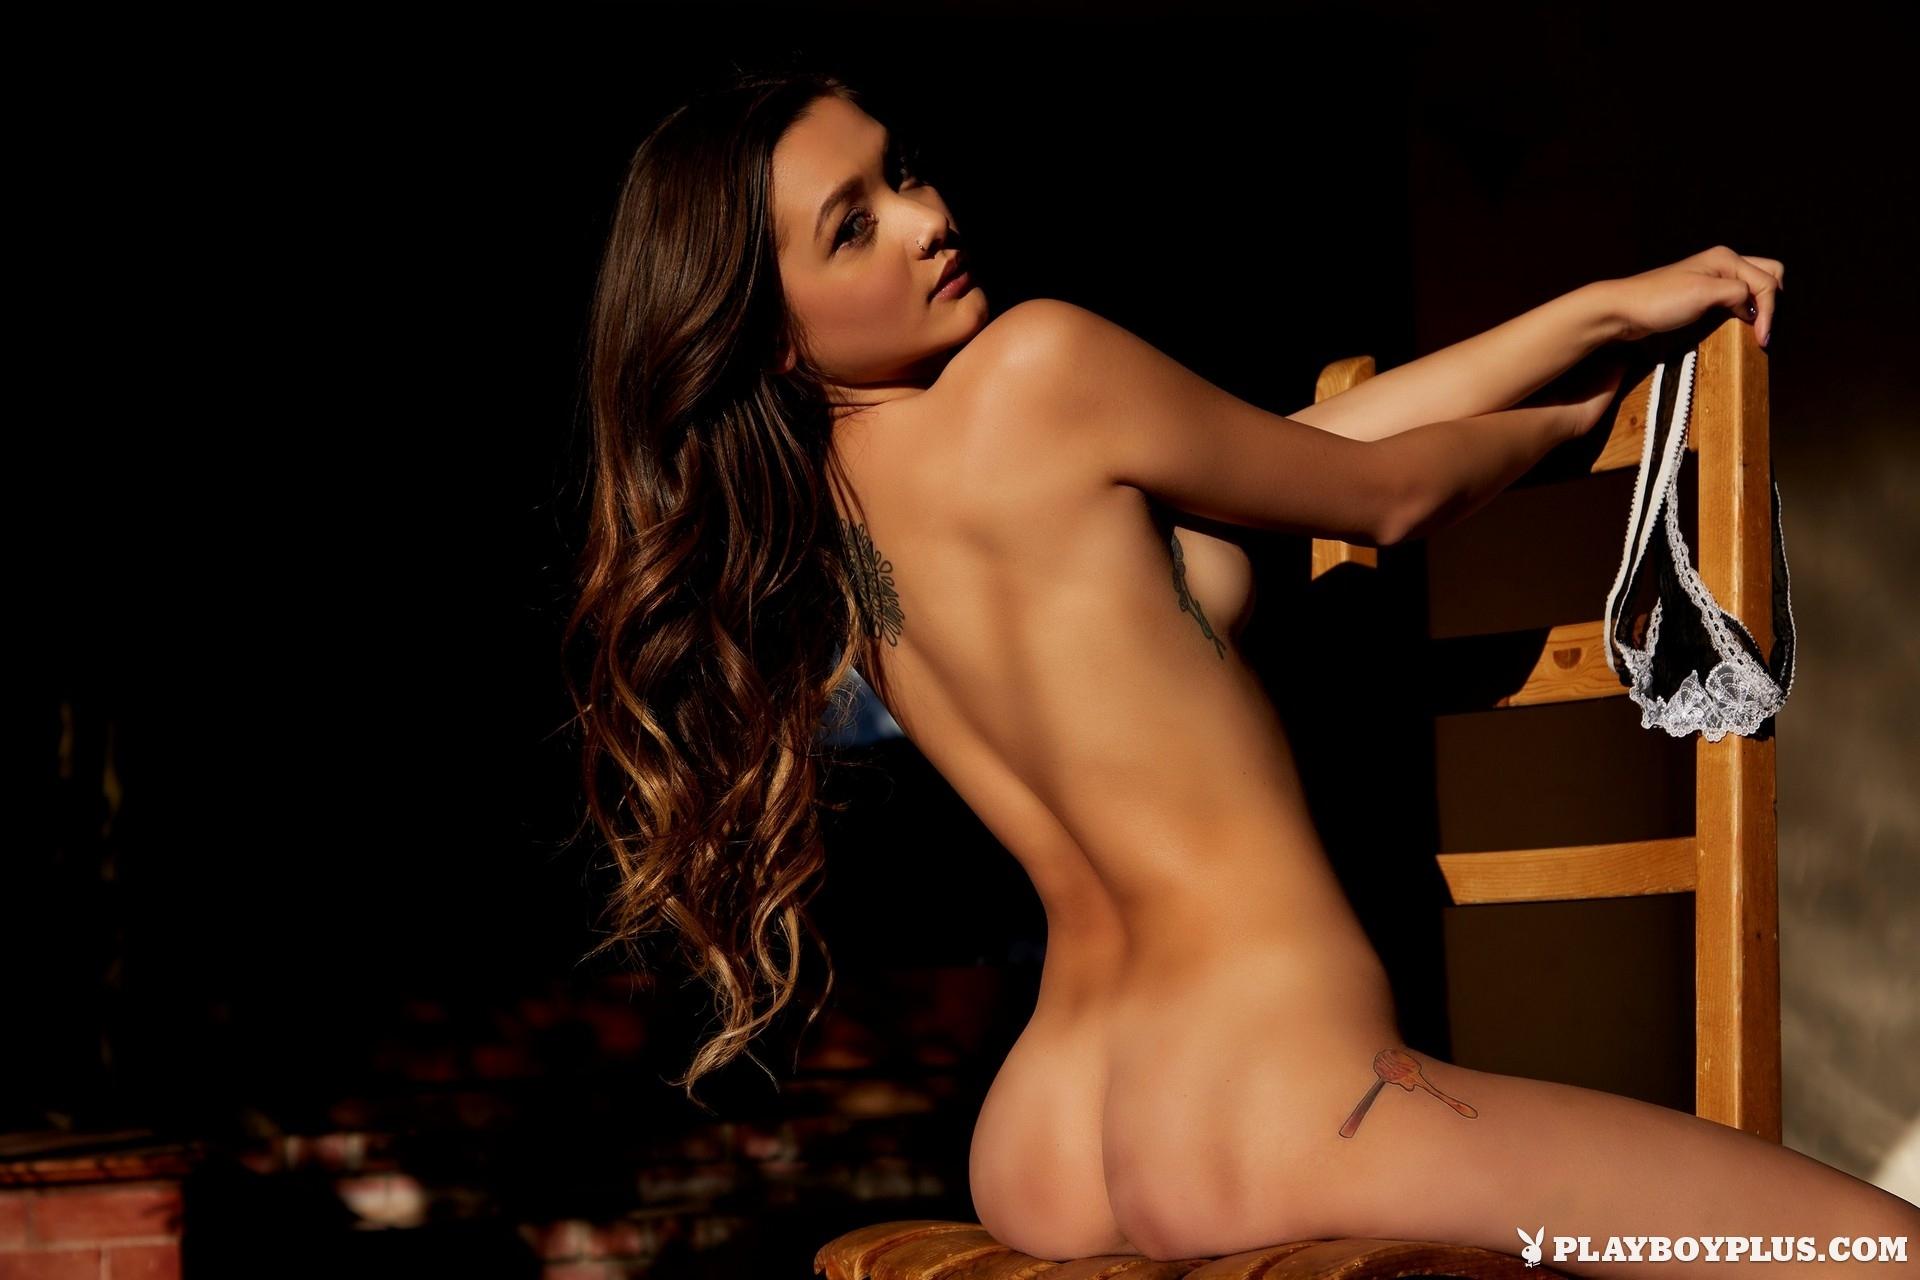 alex-de-la-flor-black-nighty-hairy-pussy-nude-playboy-28